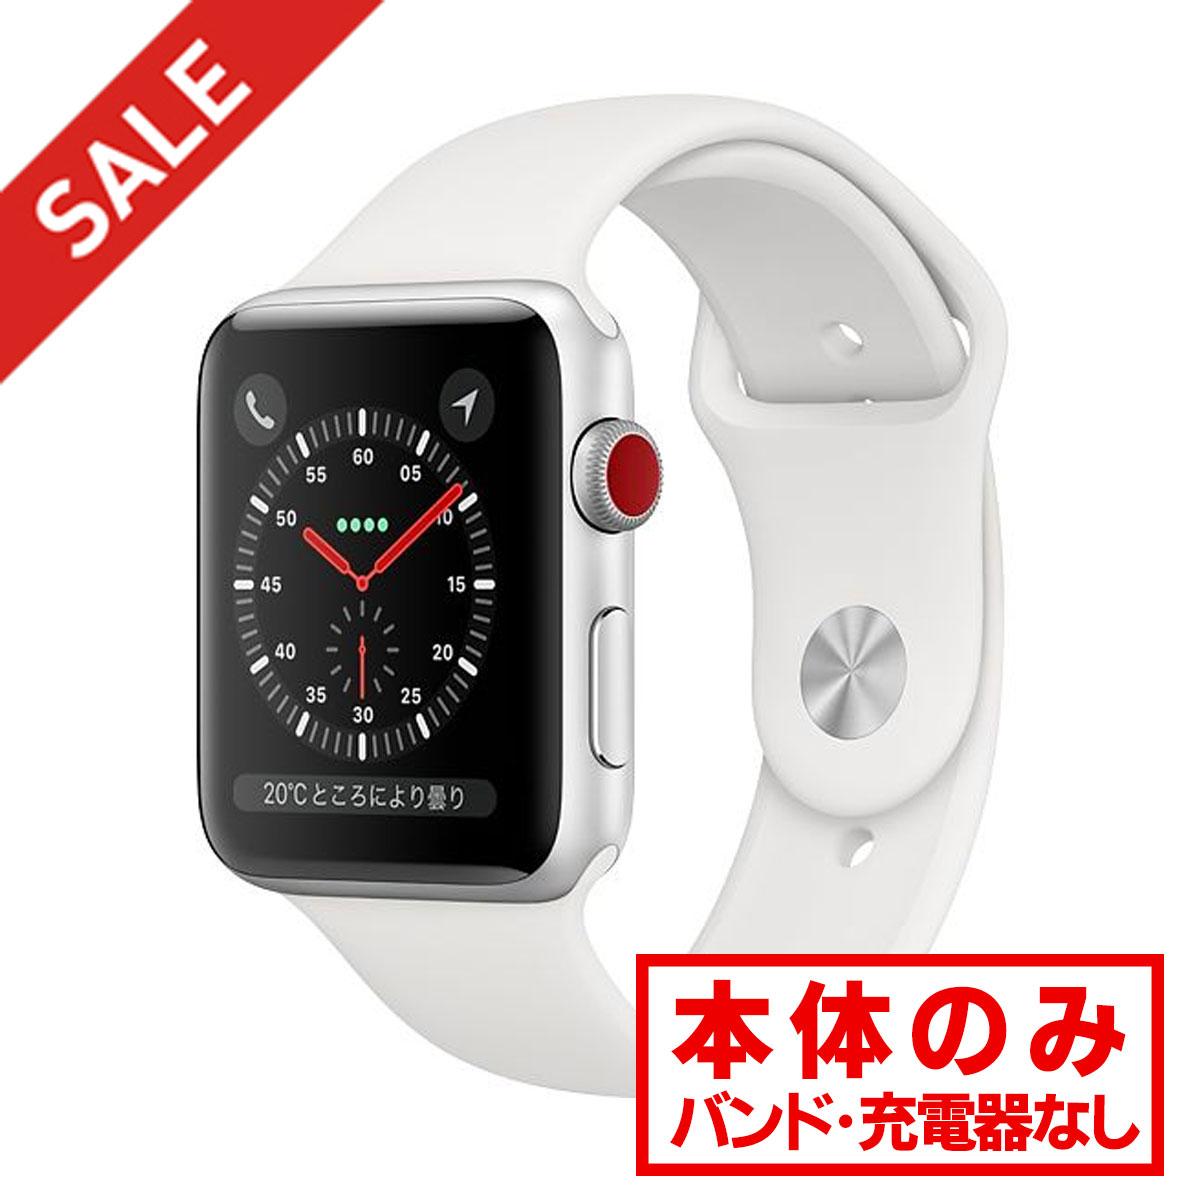 アップルウォッチ 本体 Apple Watch Series 3 GPS + Cellularモデル 42mm アルミニウム [シルバー] MQKM2J/A Apple